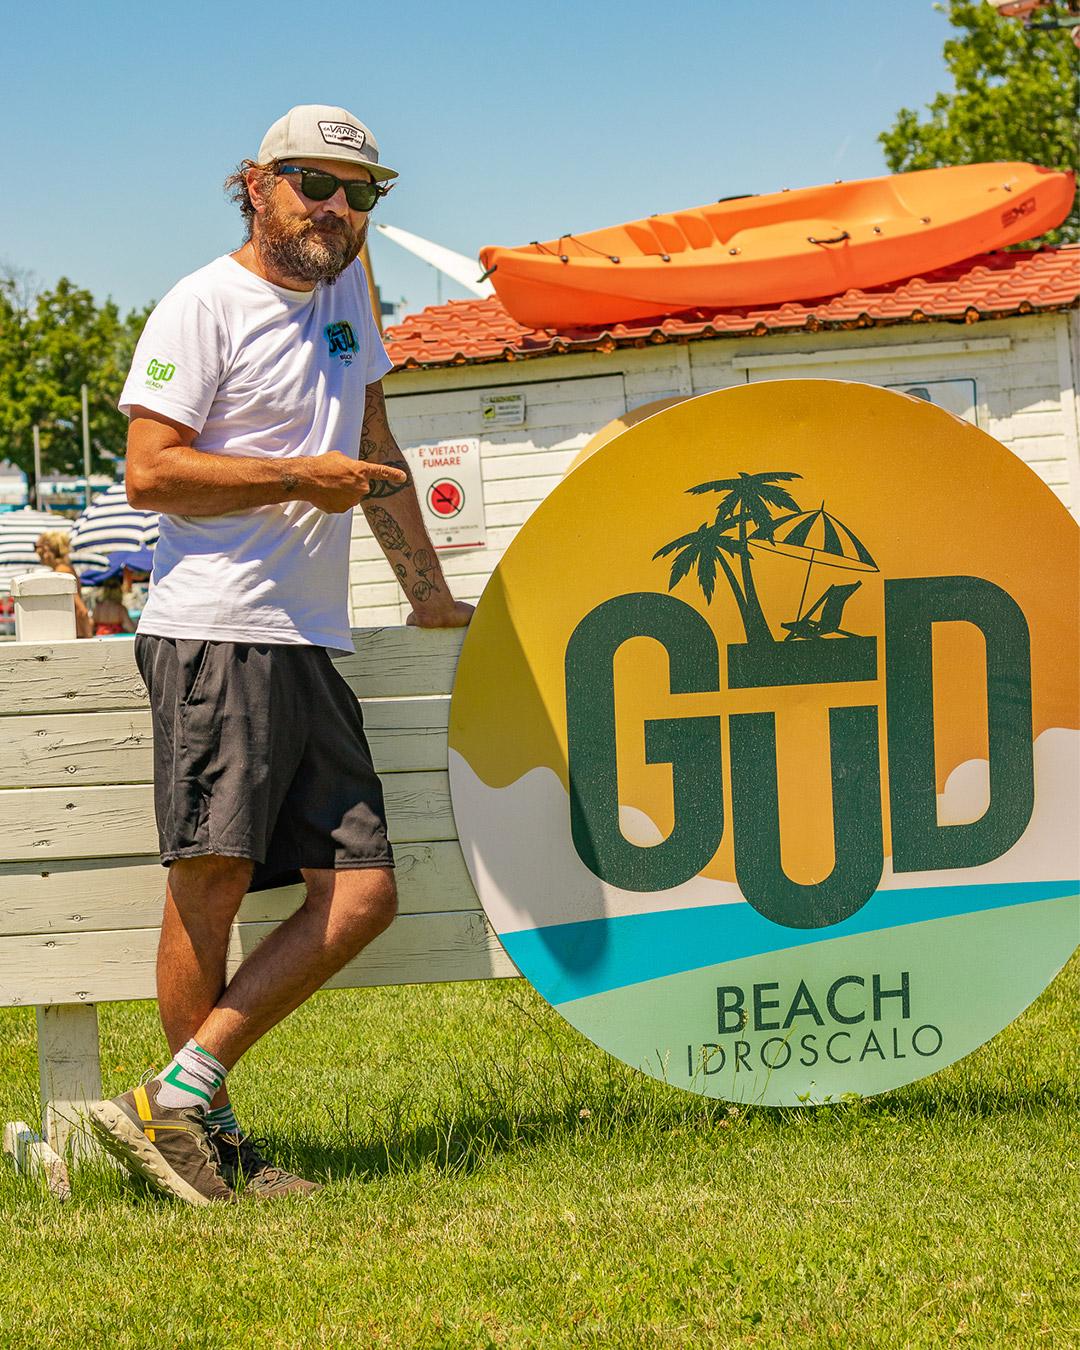 Gud Beach